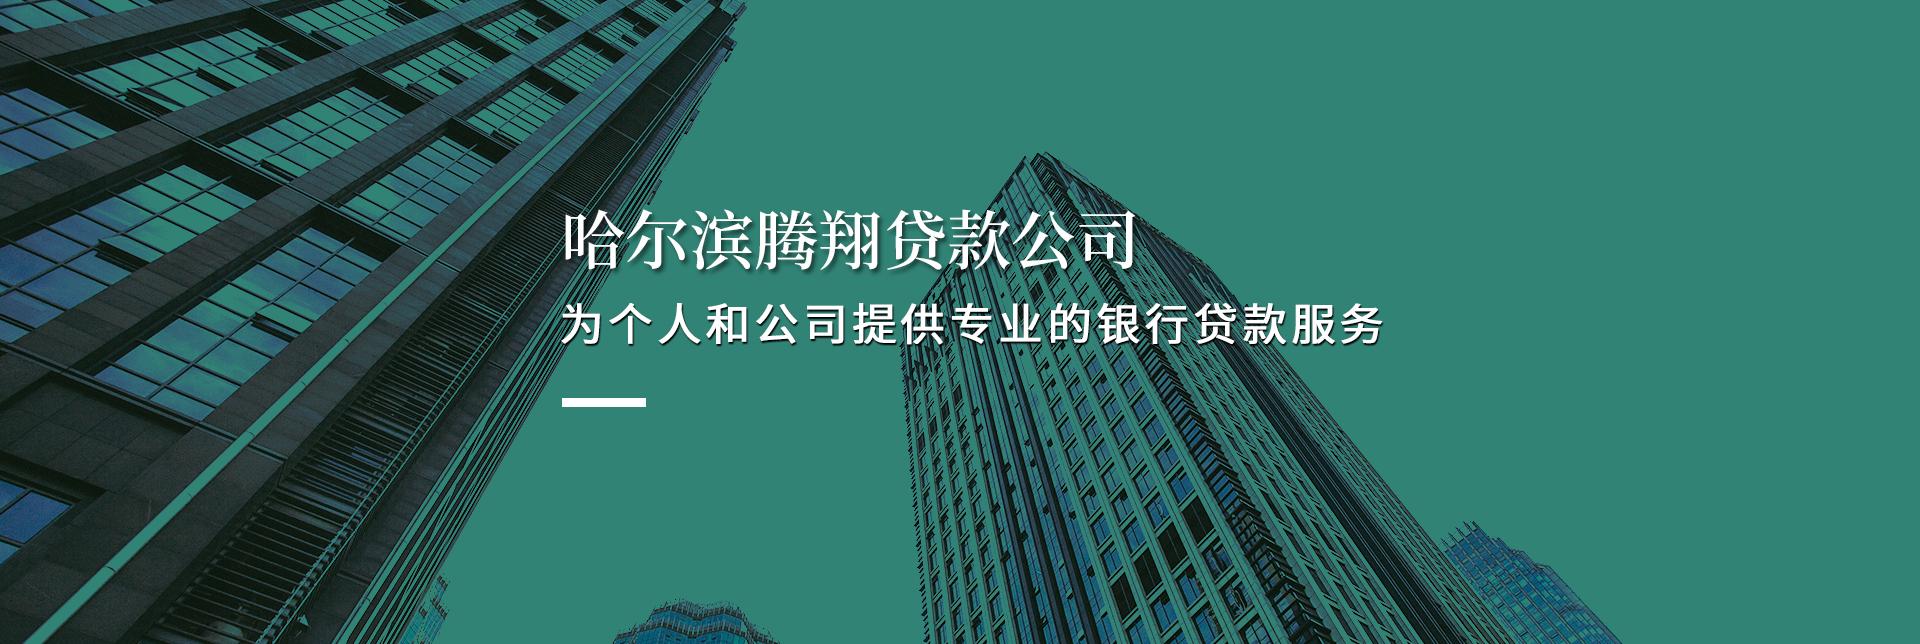 哈尔滨贷款公司